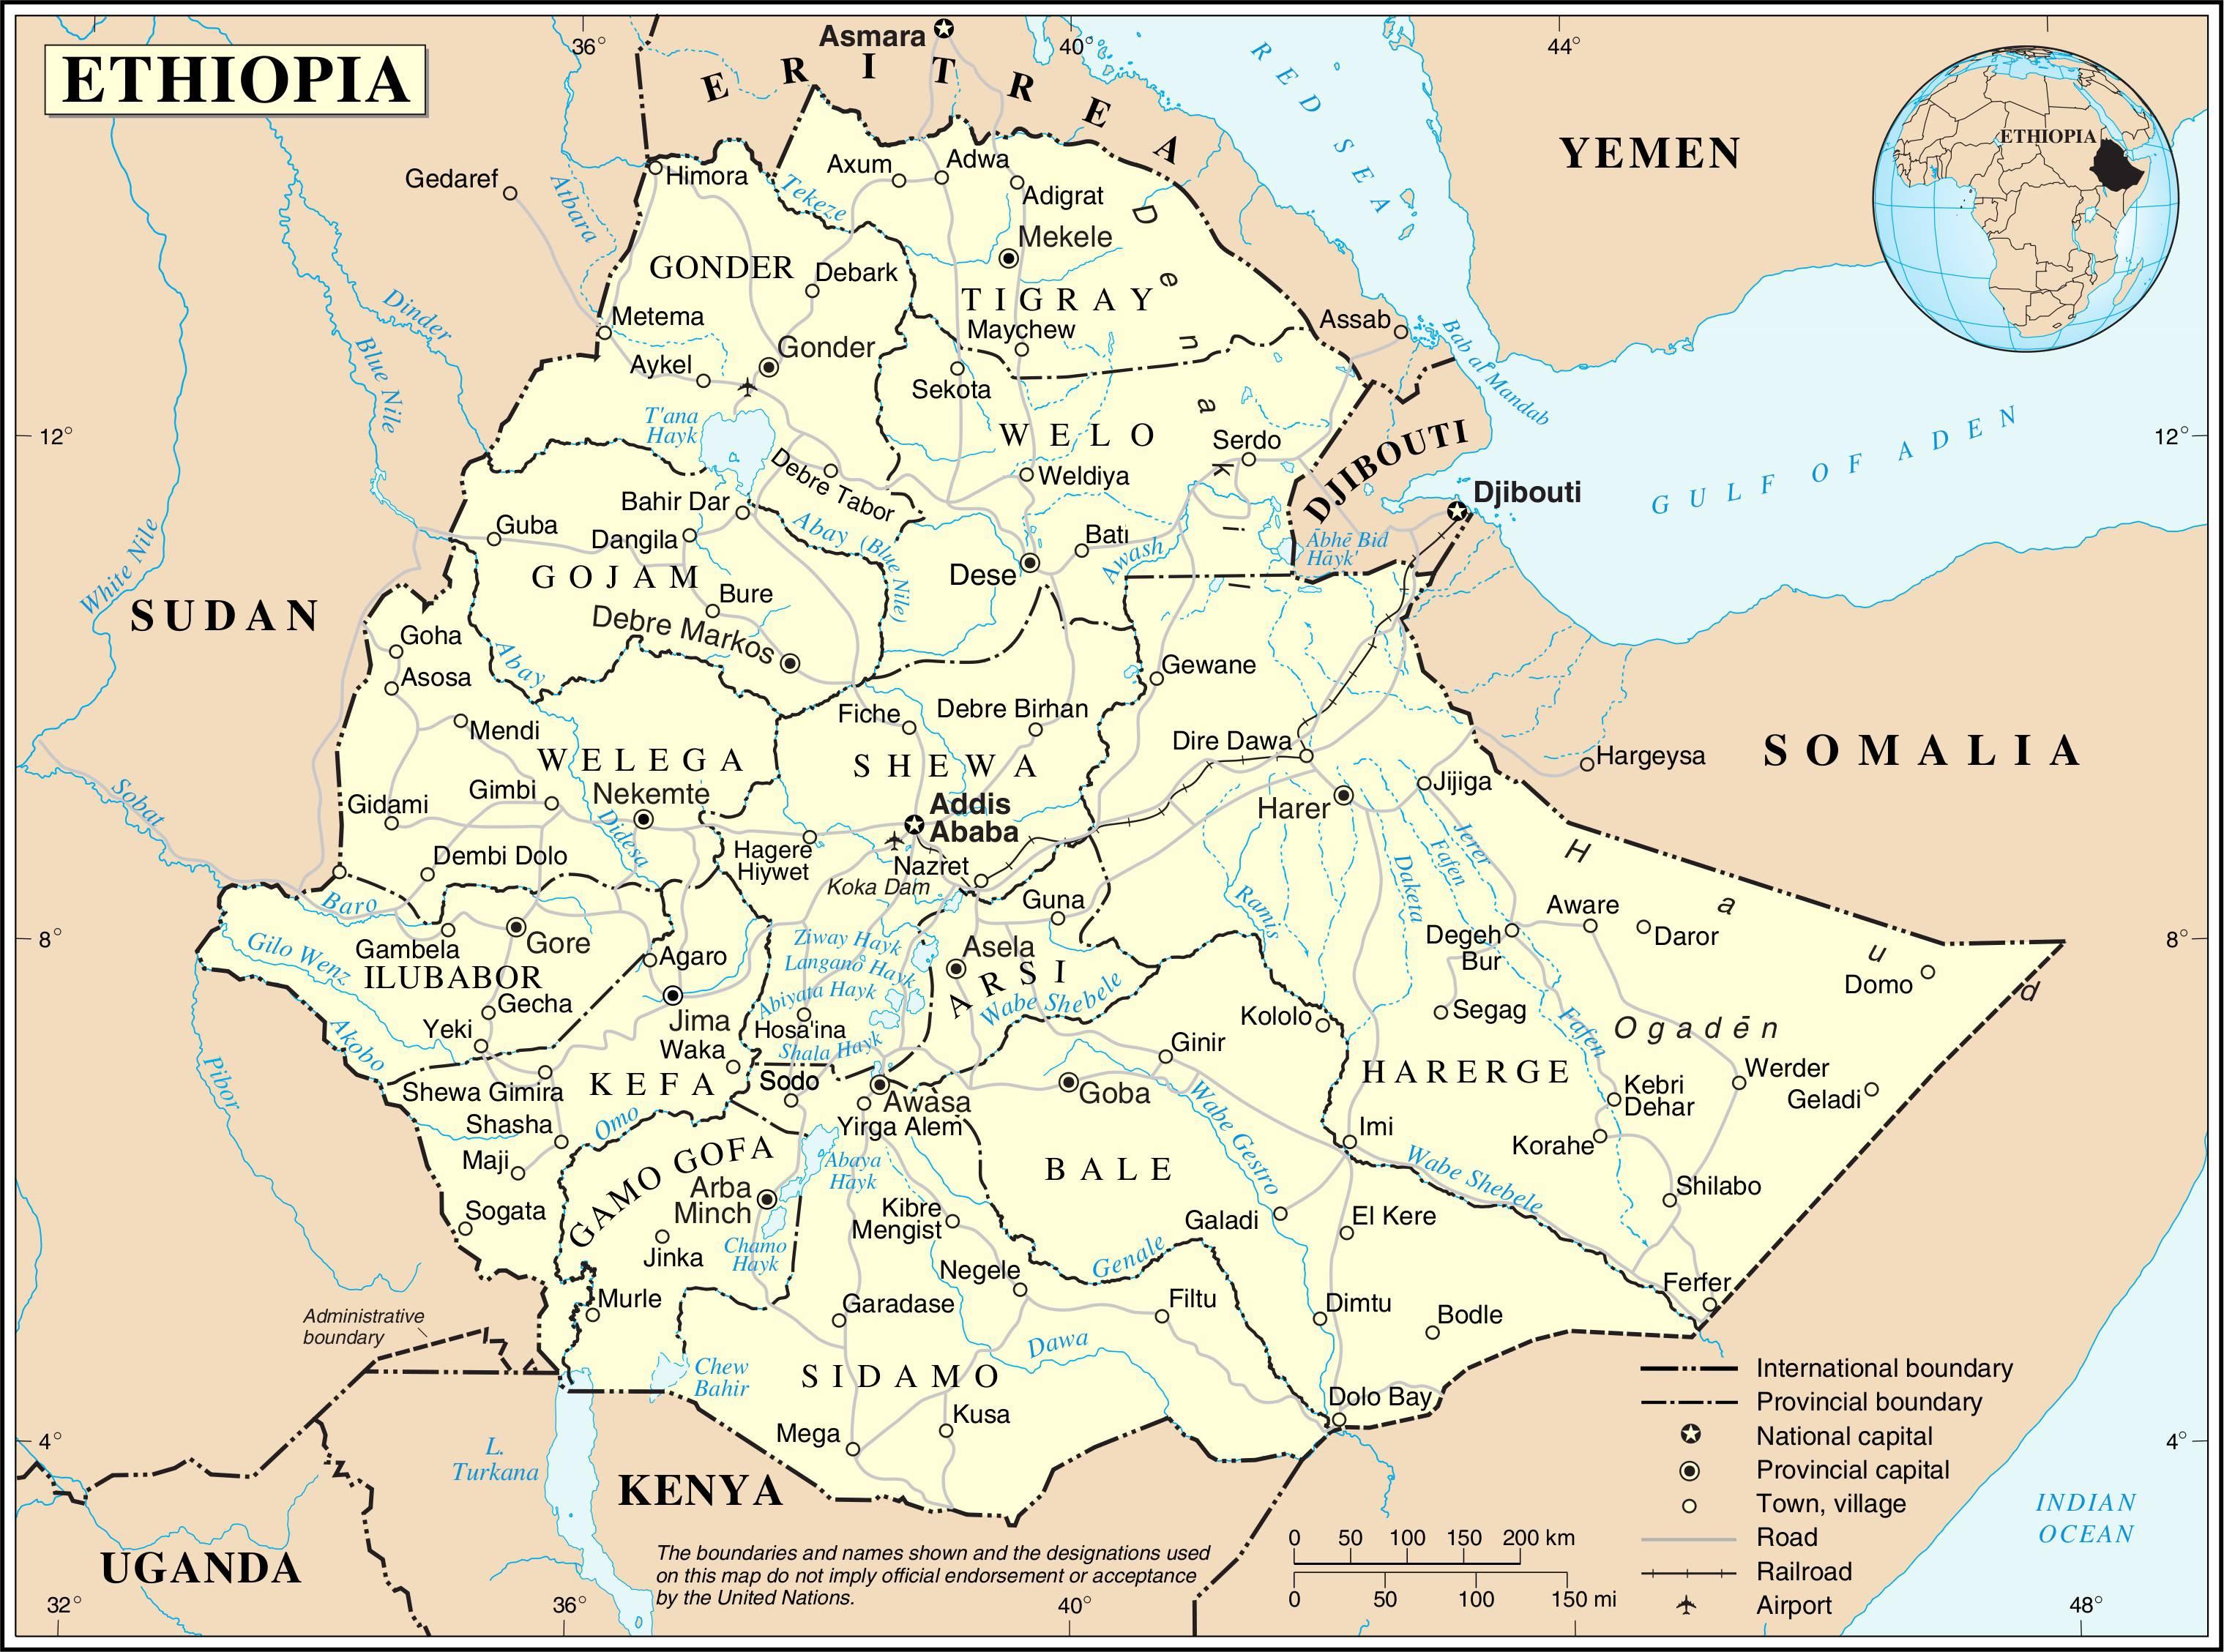 Carte politique de l'Ethiopie